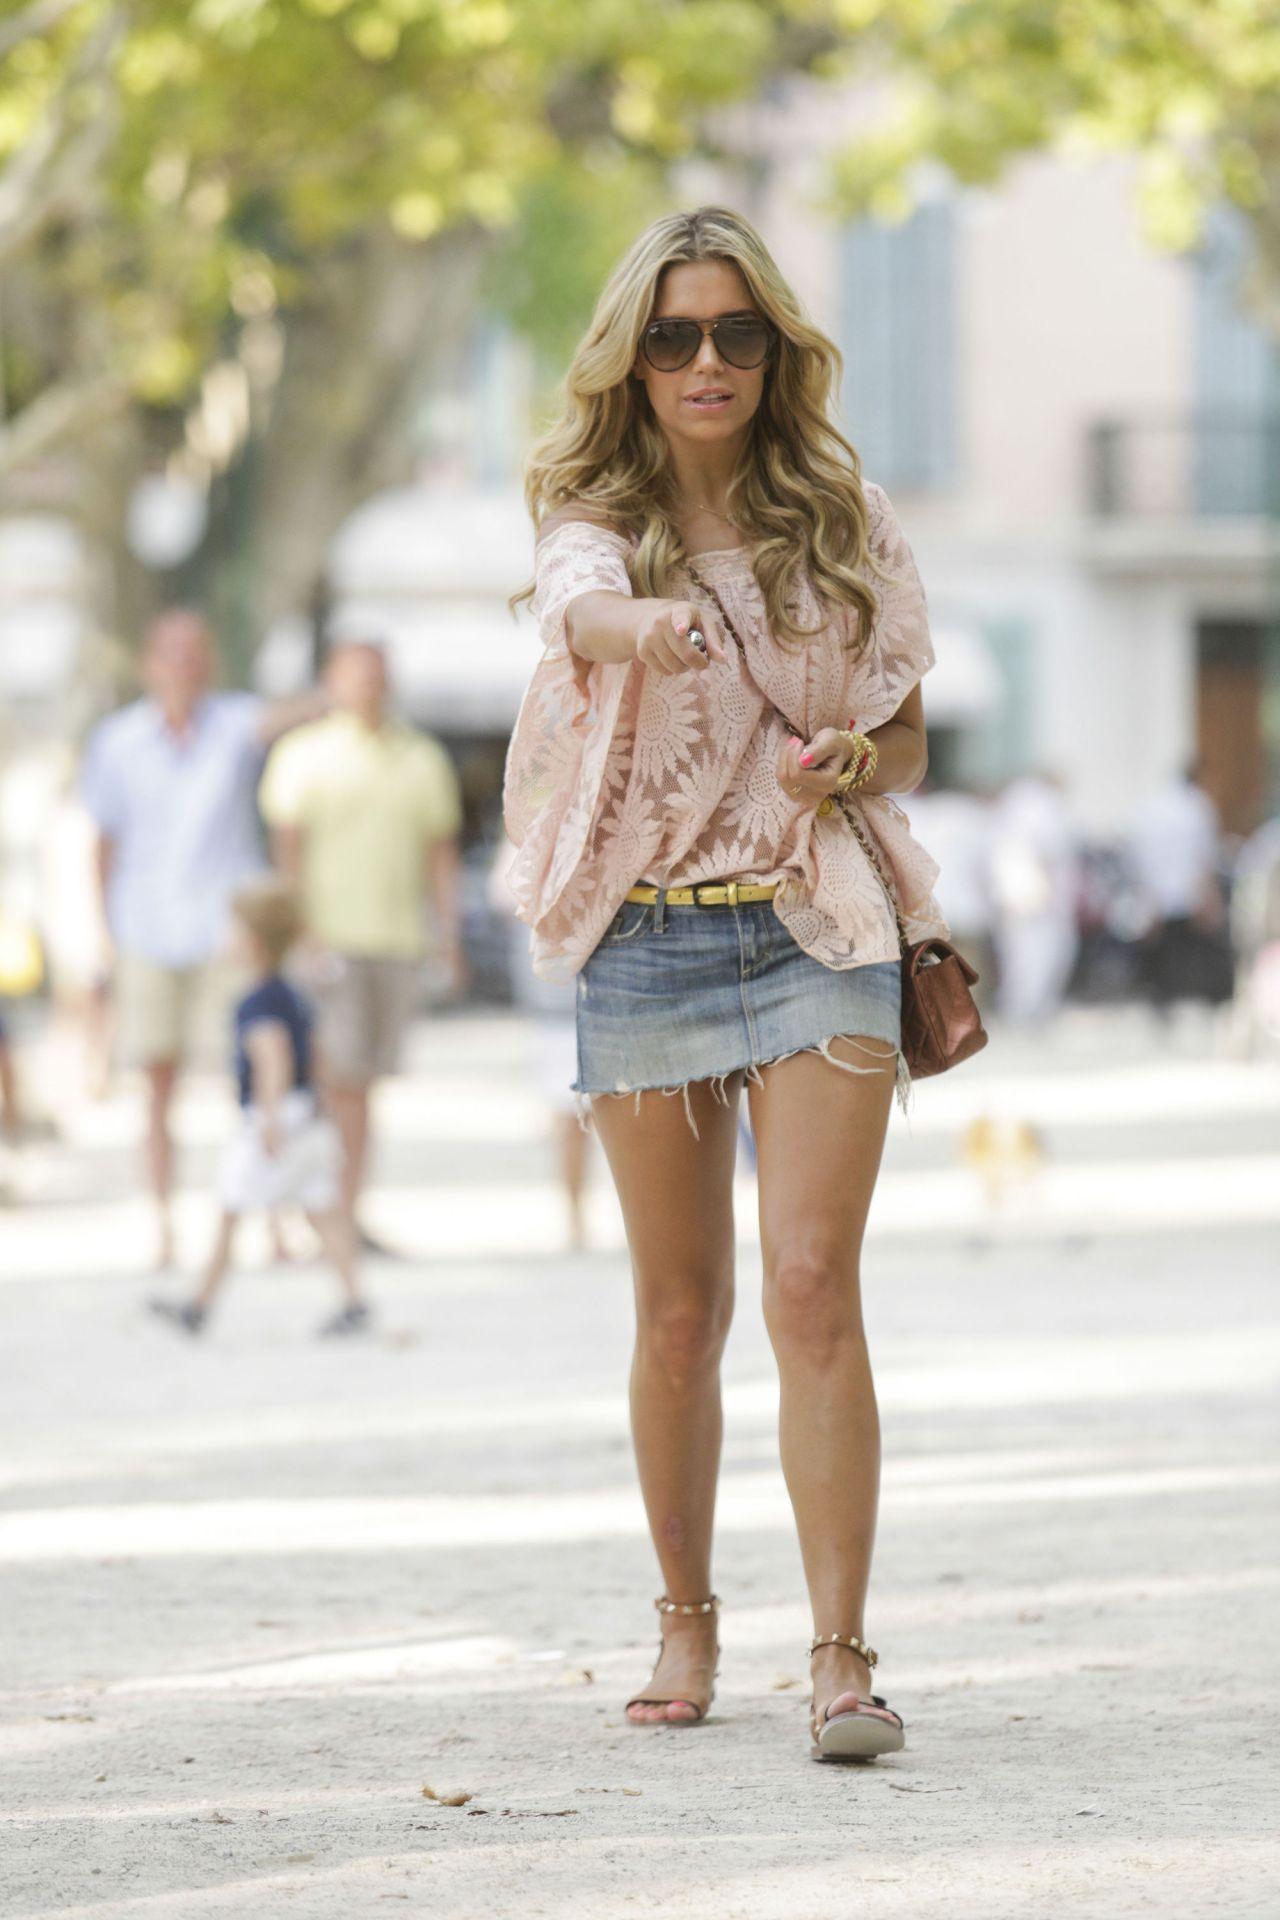 Sylvie Van Der Vaart In Jeans Mini Skirt In St Tropez